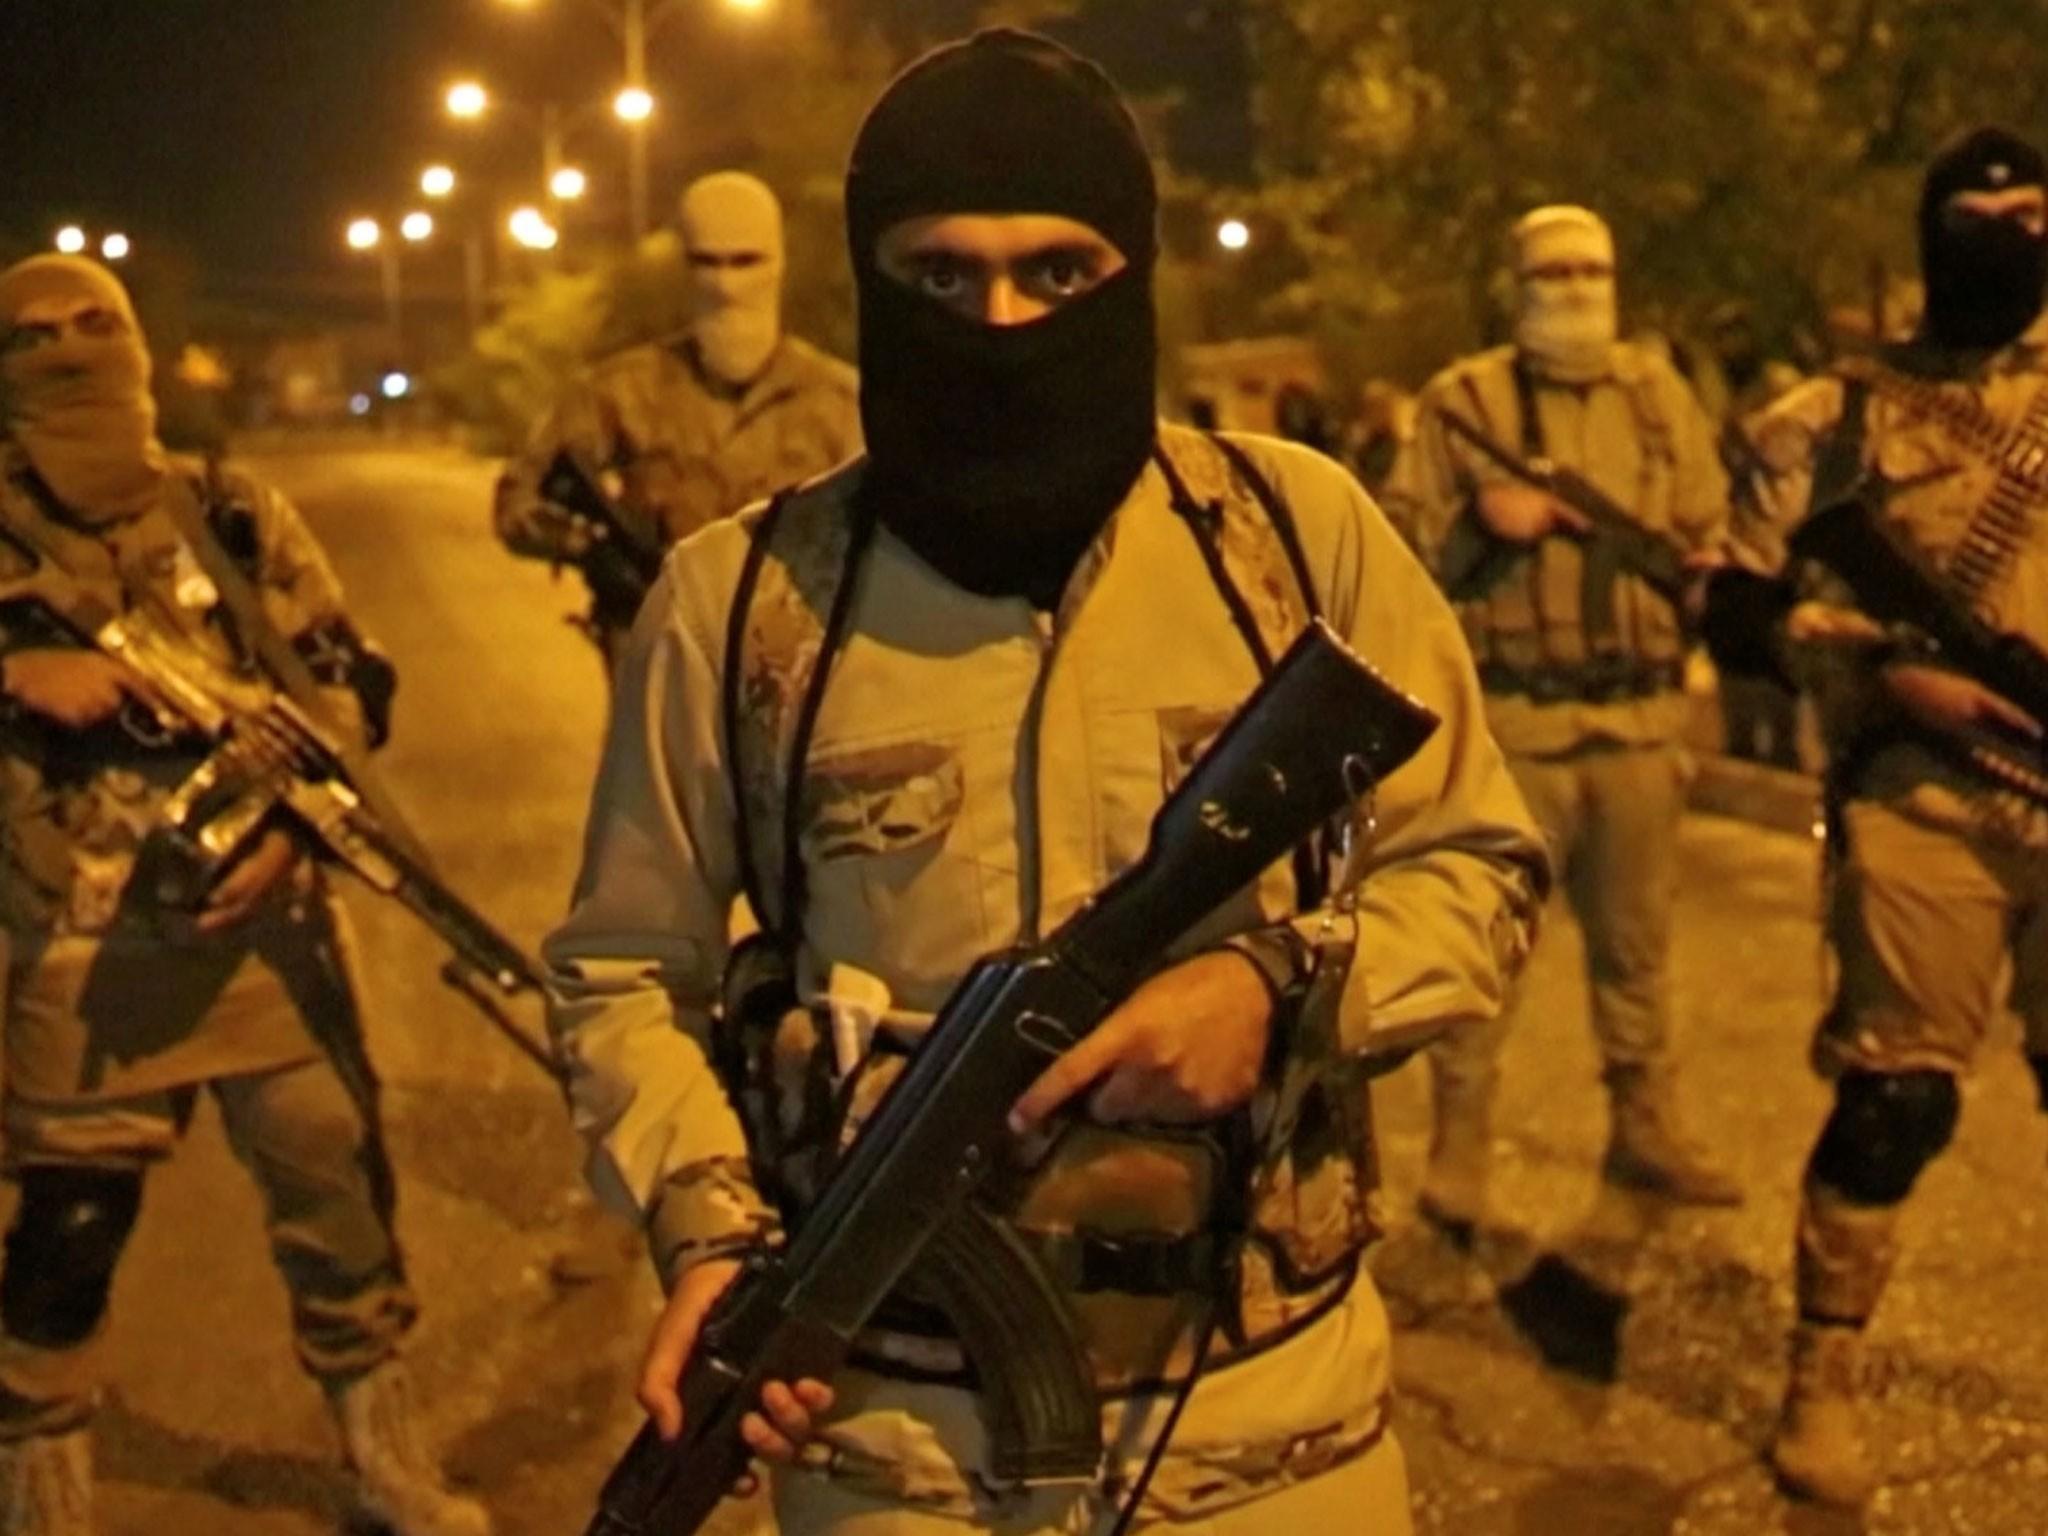 Το Ισλαμικό Κράτος ανέλαβε την ευθύνη για την επίθεση στη Βαρκελώνη